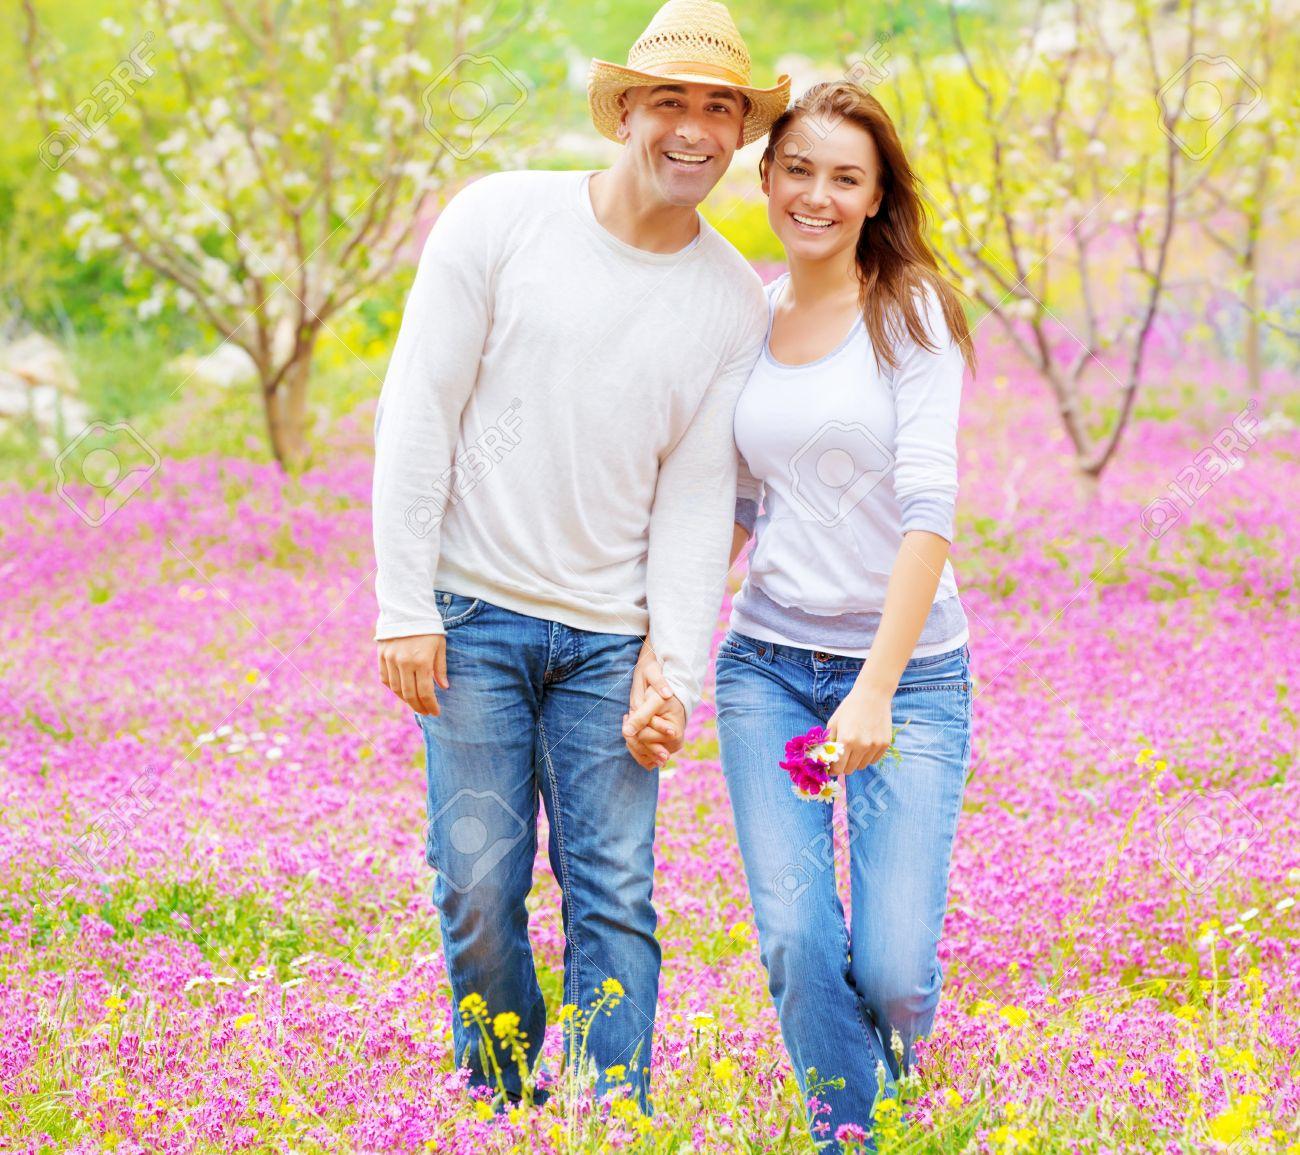 Image result for boyfriend girlfriend image